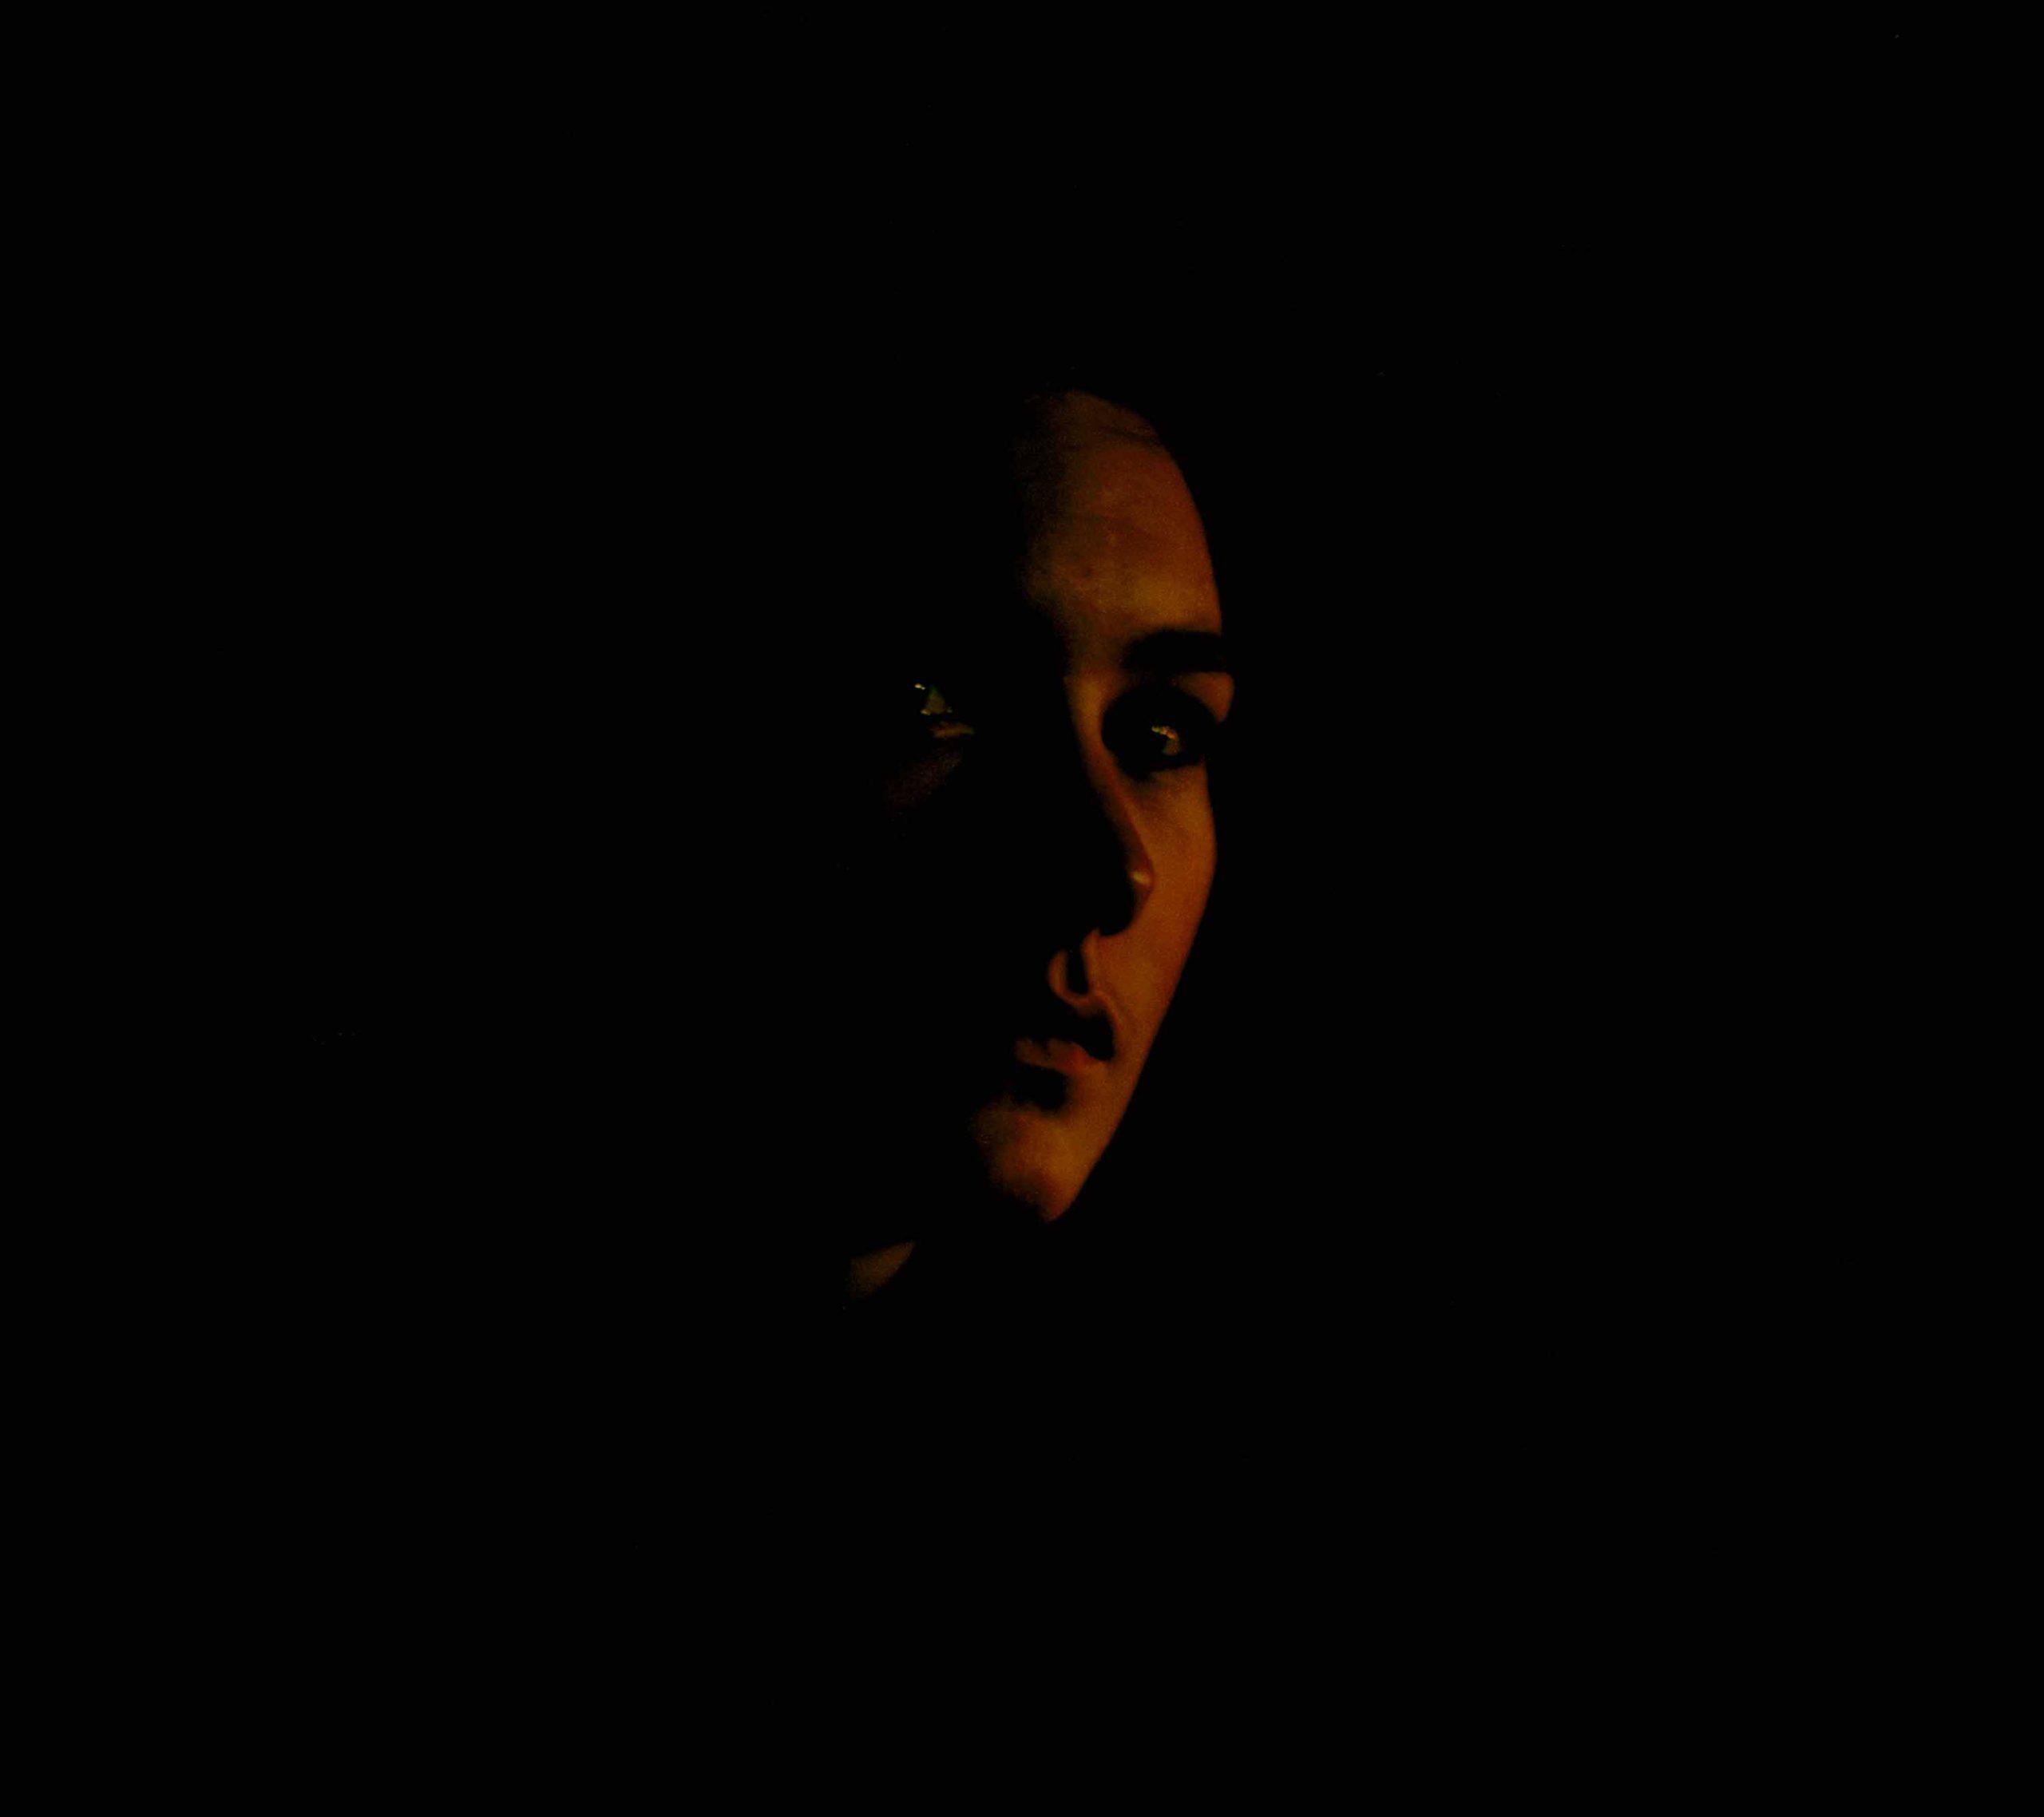 Wren-Agency-Rachel-Louise-Brown-Malevolent Eye - 07